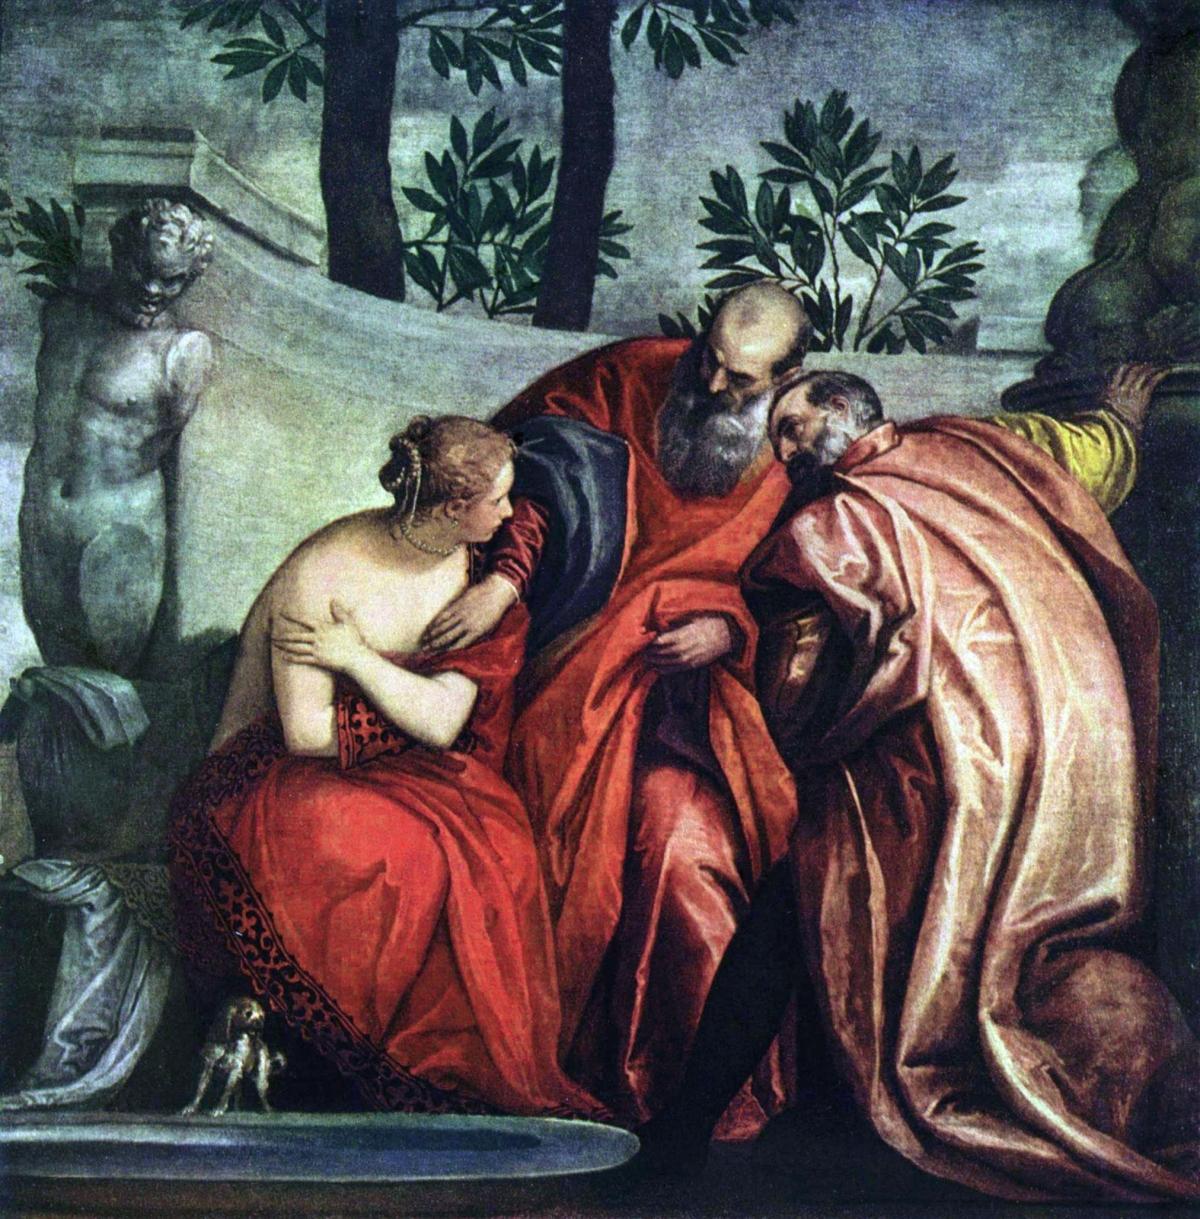 Suzanne et les vieillards peint par Paul Véronèse